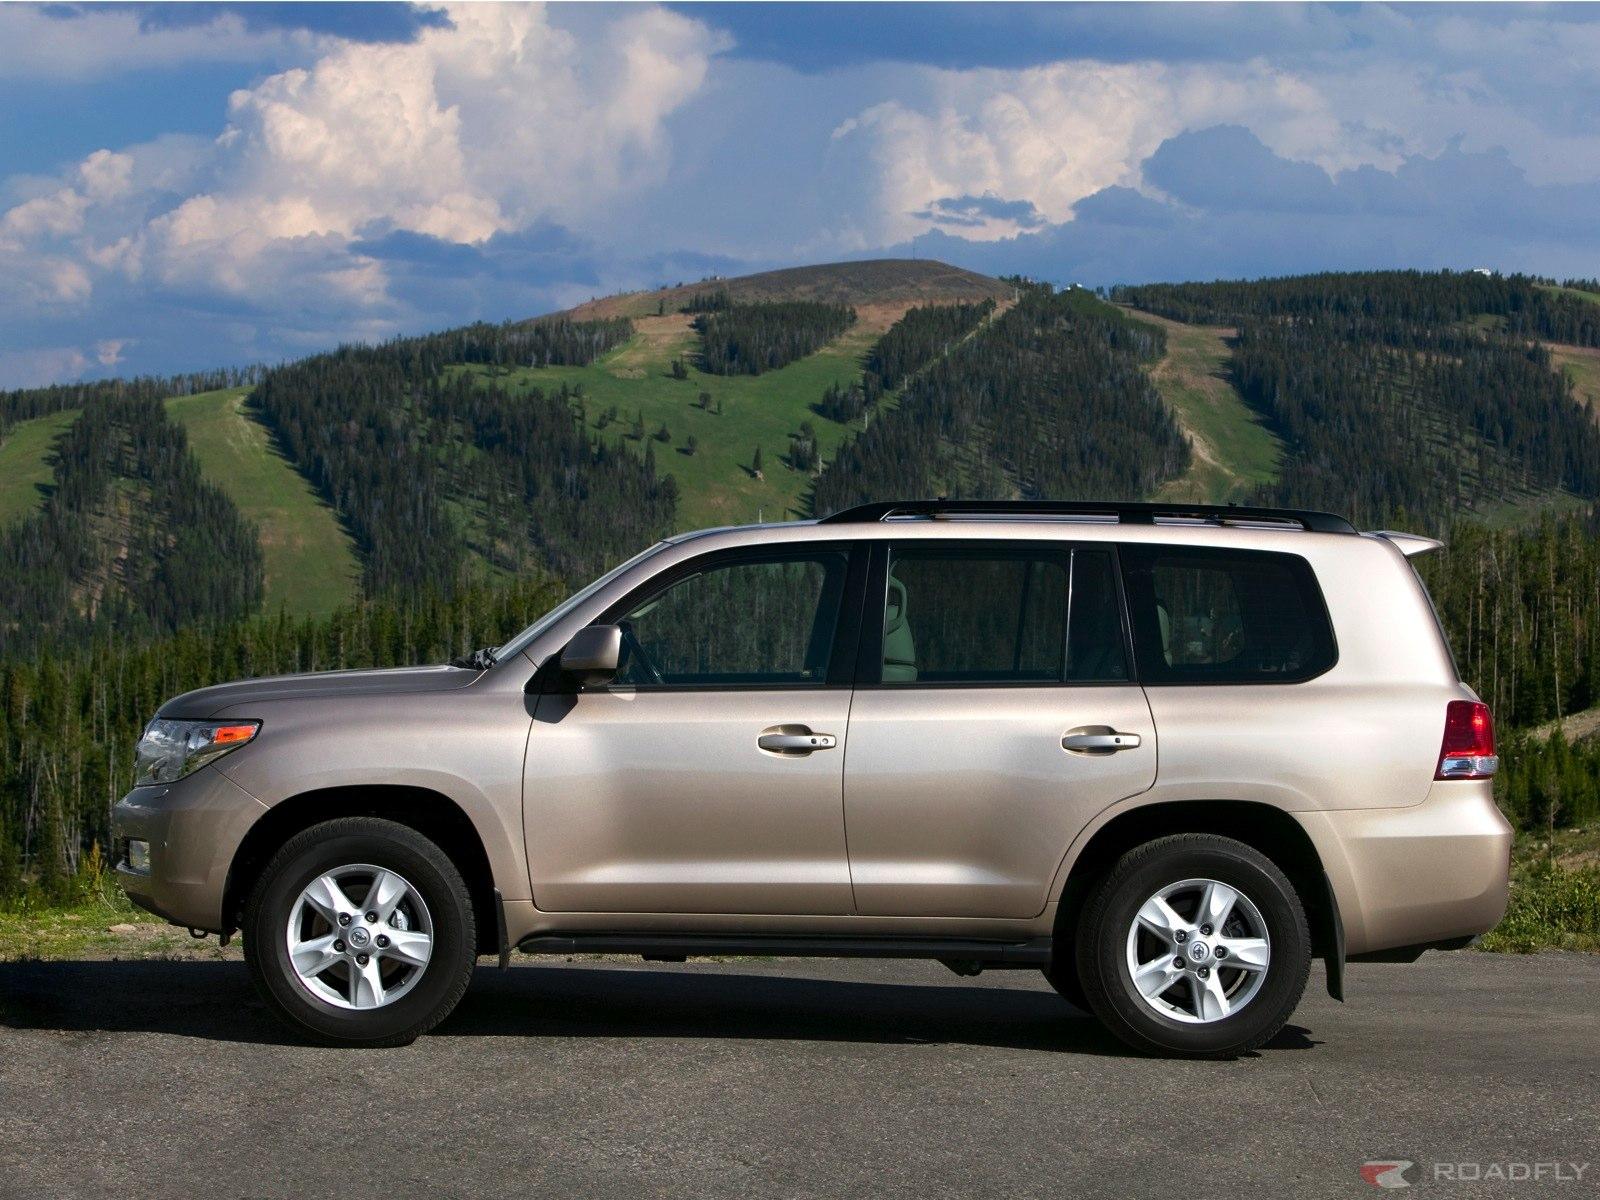 Toyota Land Cruiser История модели фотогалерея и список